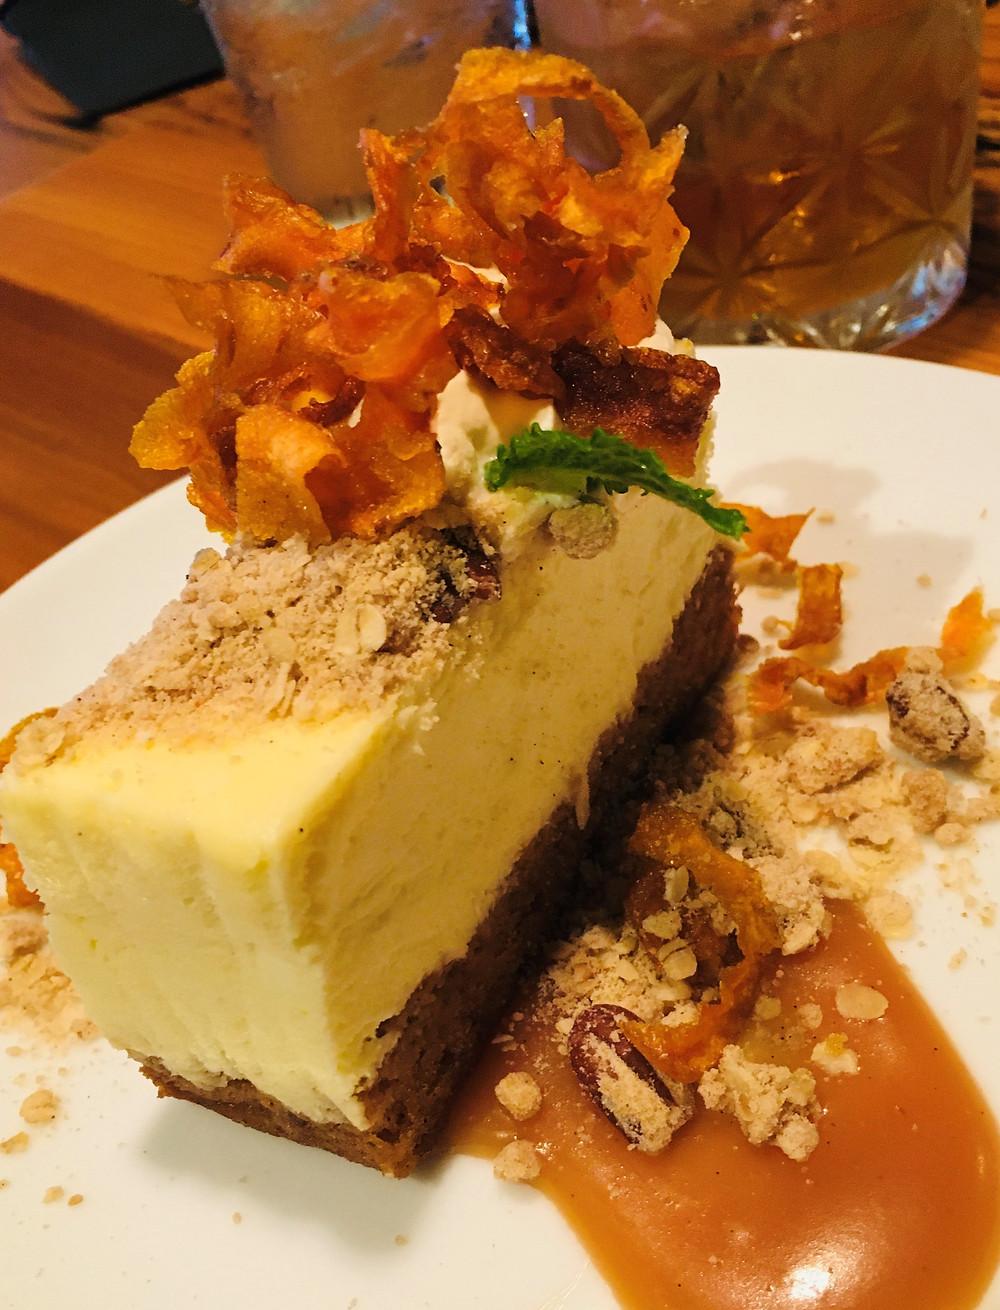 Carrot Cake Cheesecake from 1010 Bridge